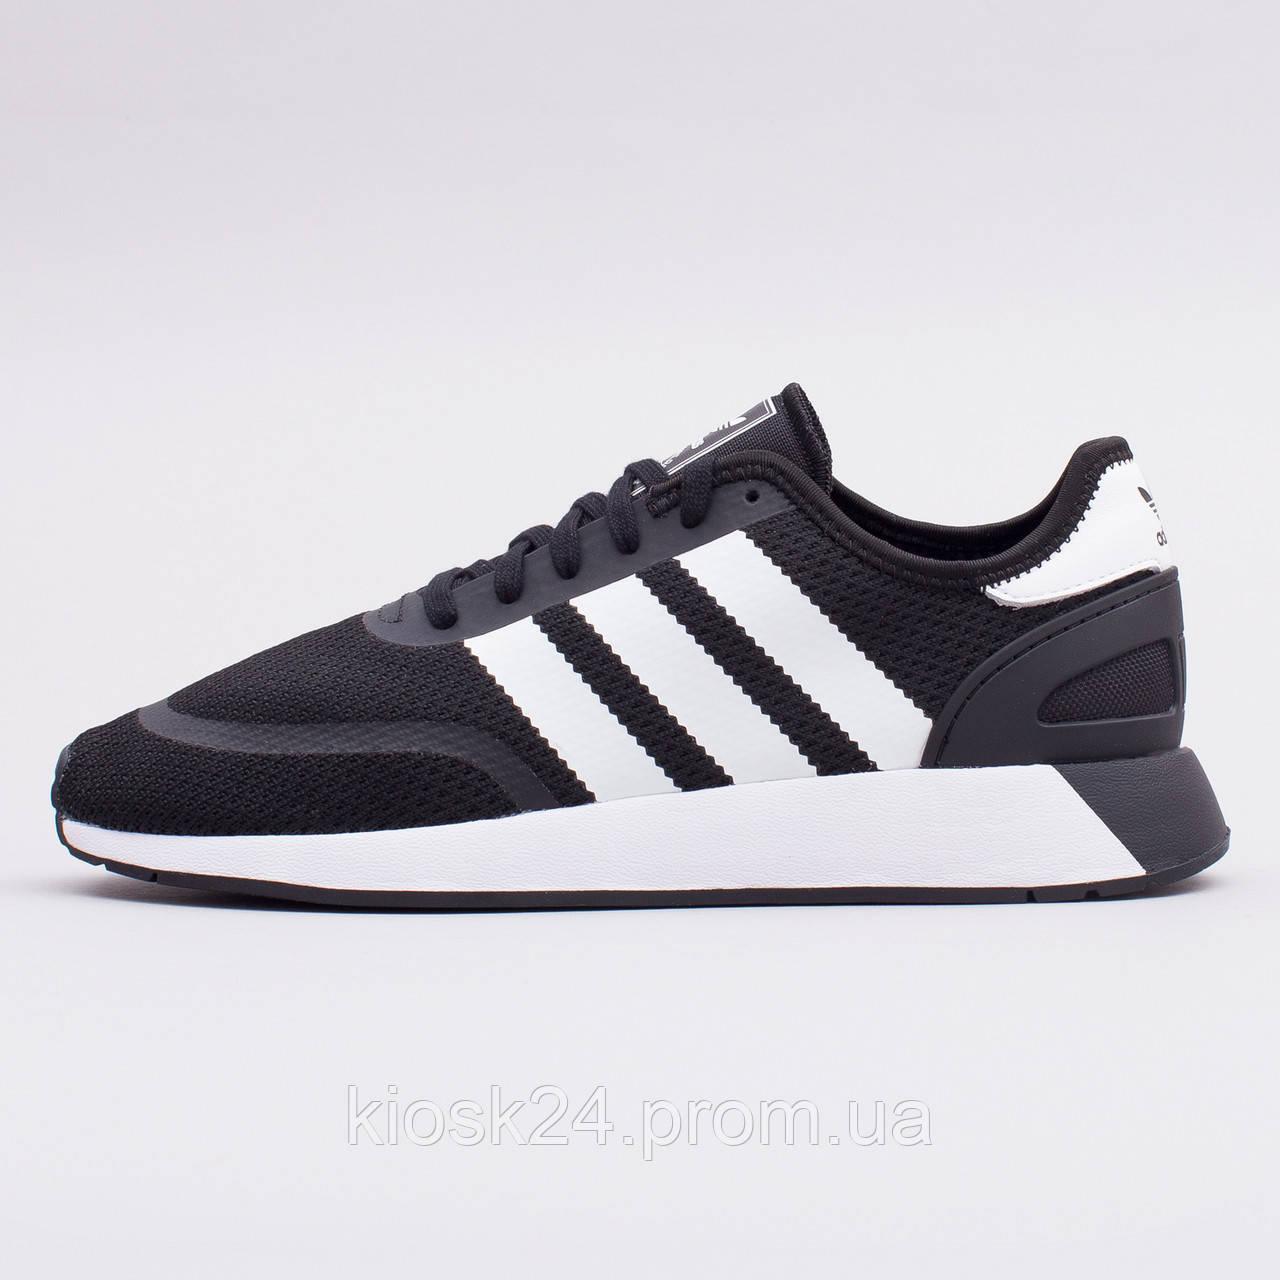 Оригинальные кроссовки adidas N-5923